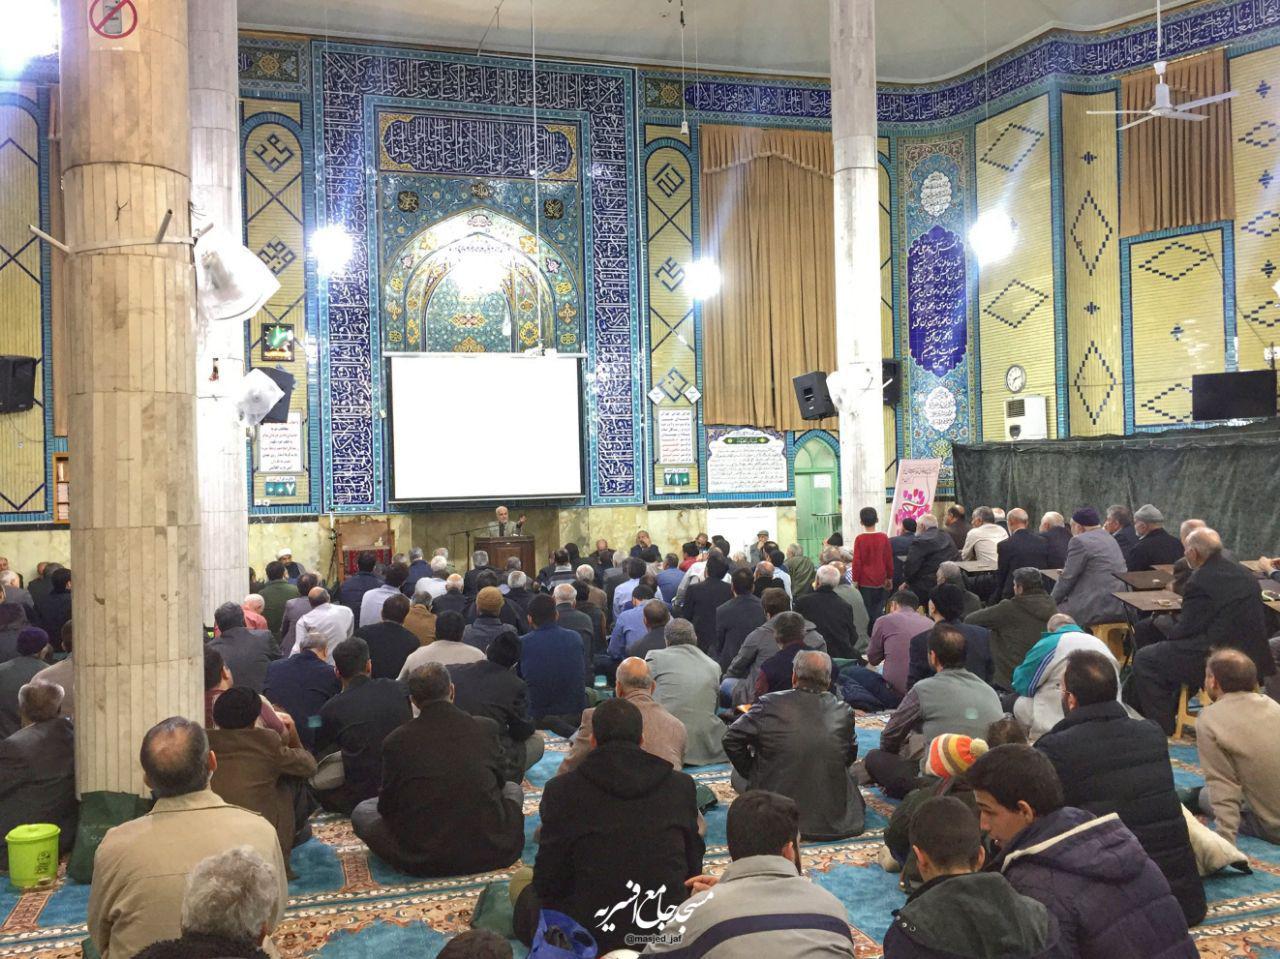 IMG 971123%20%284%29 نقل از تصویری؛ سخنرانی استاد حسن عباسی با موضوع چهل سالگی انقلاب اسلامی و همچنين افق های پیش رو